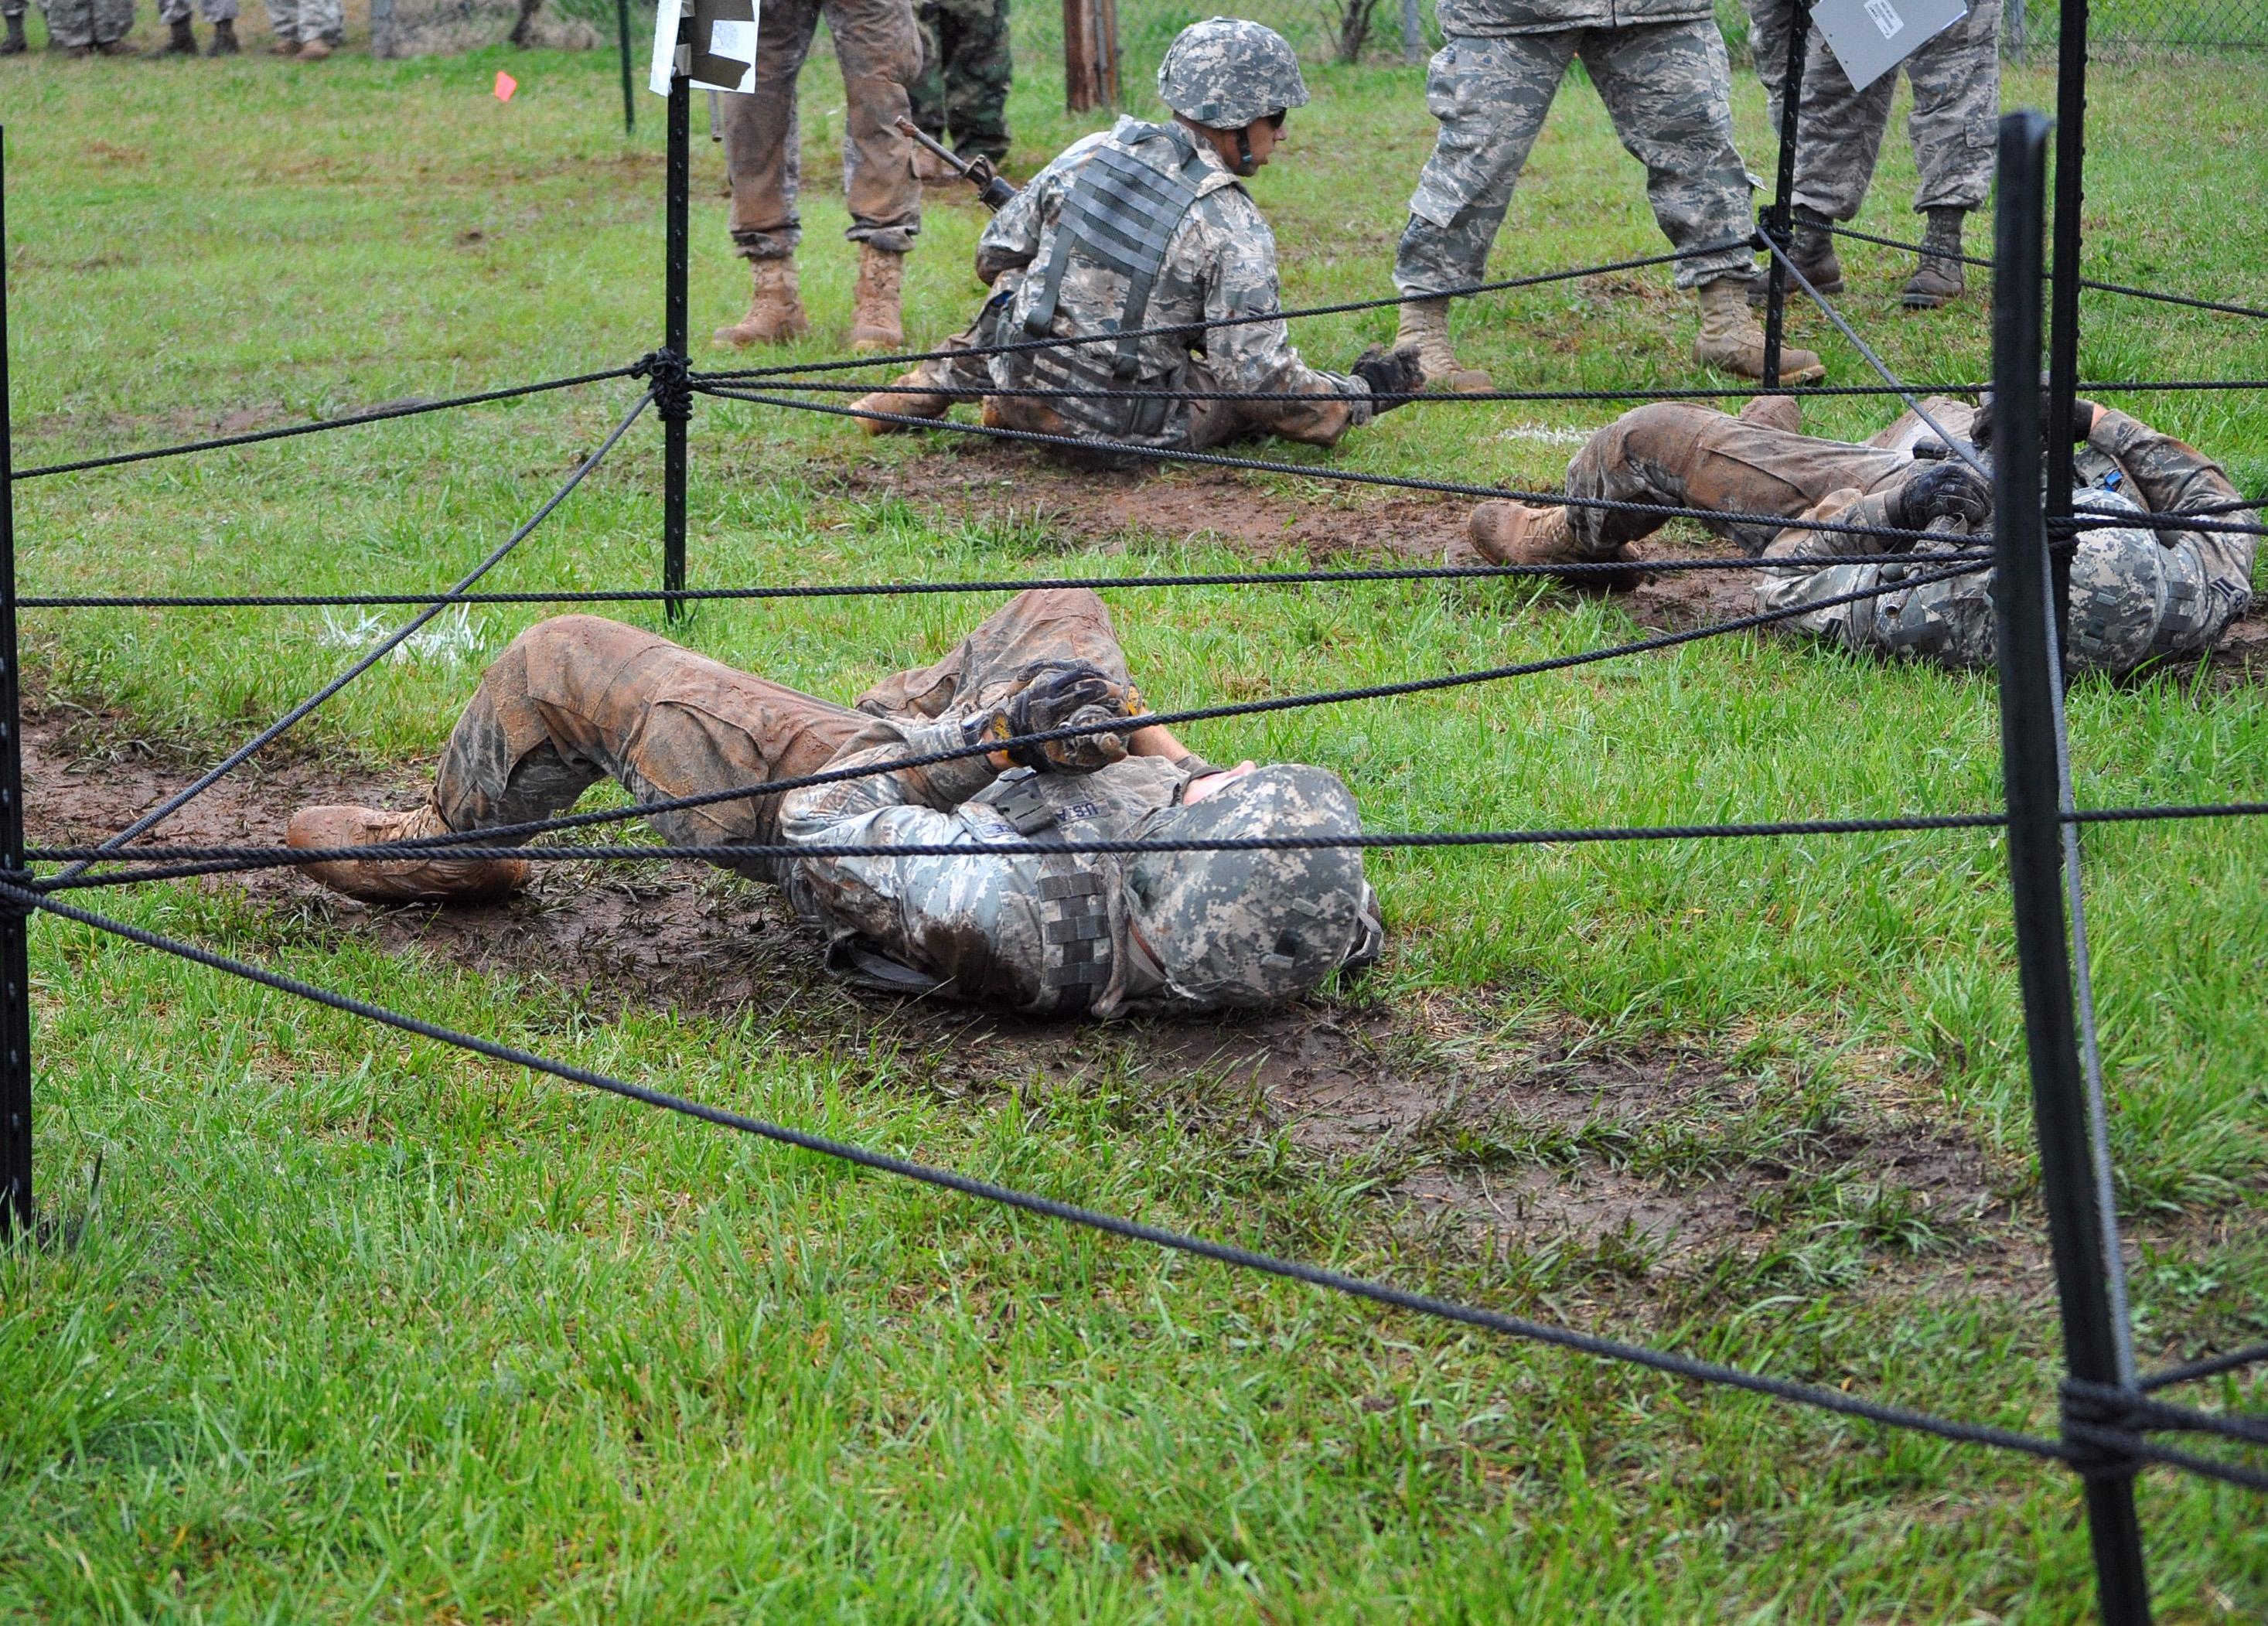 Teams tackle Combat Challenge